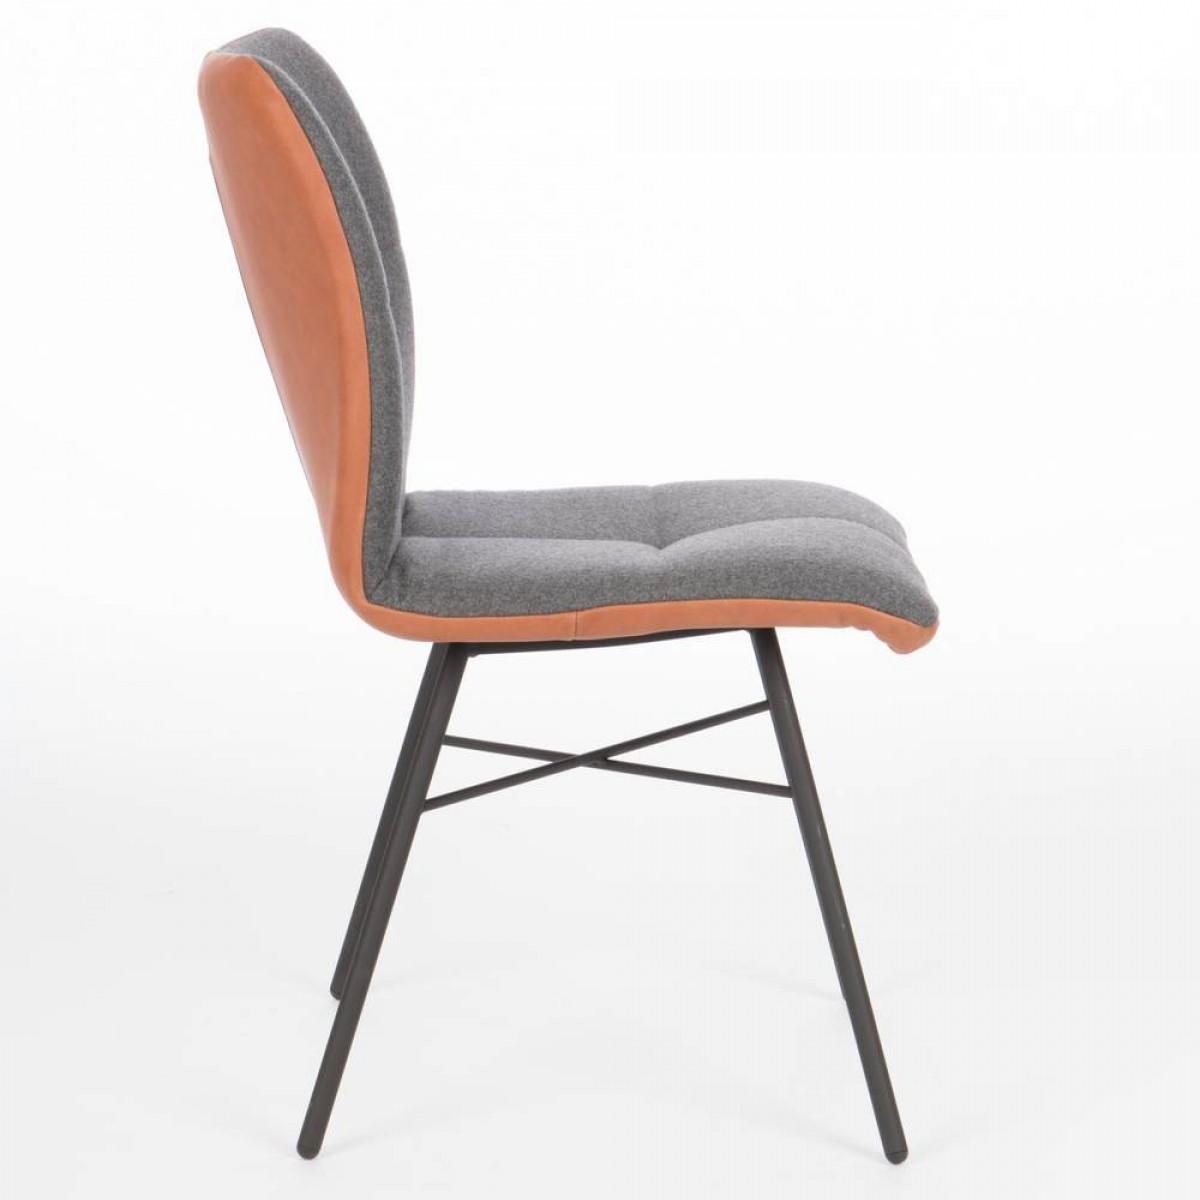 pepitto-stoel-stof-leer-combinatie-miltonhouse-spinpoot-zwart-zijkant